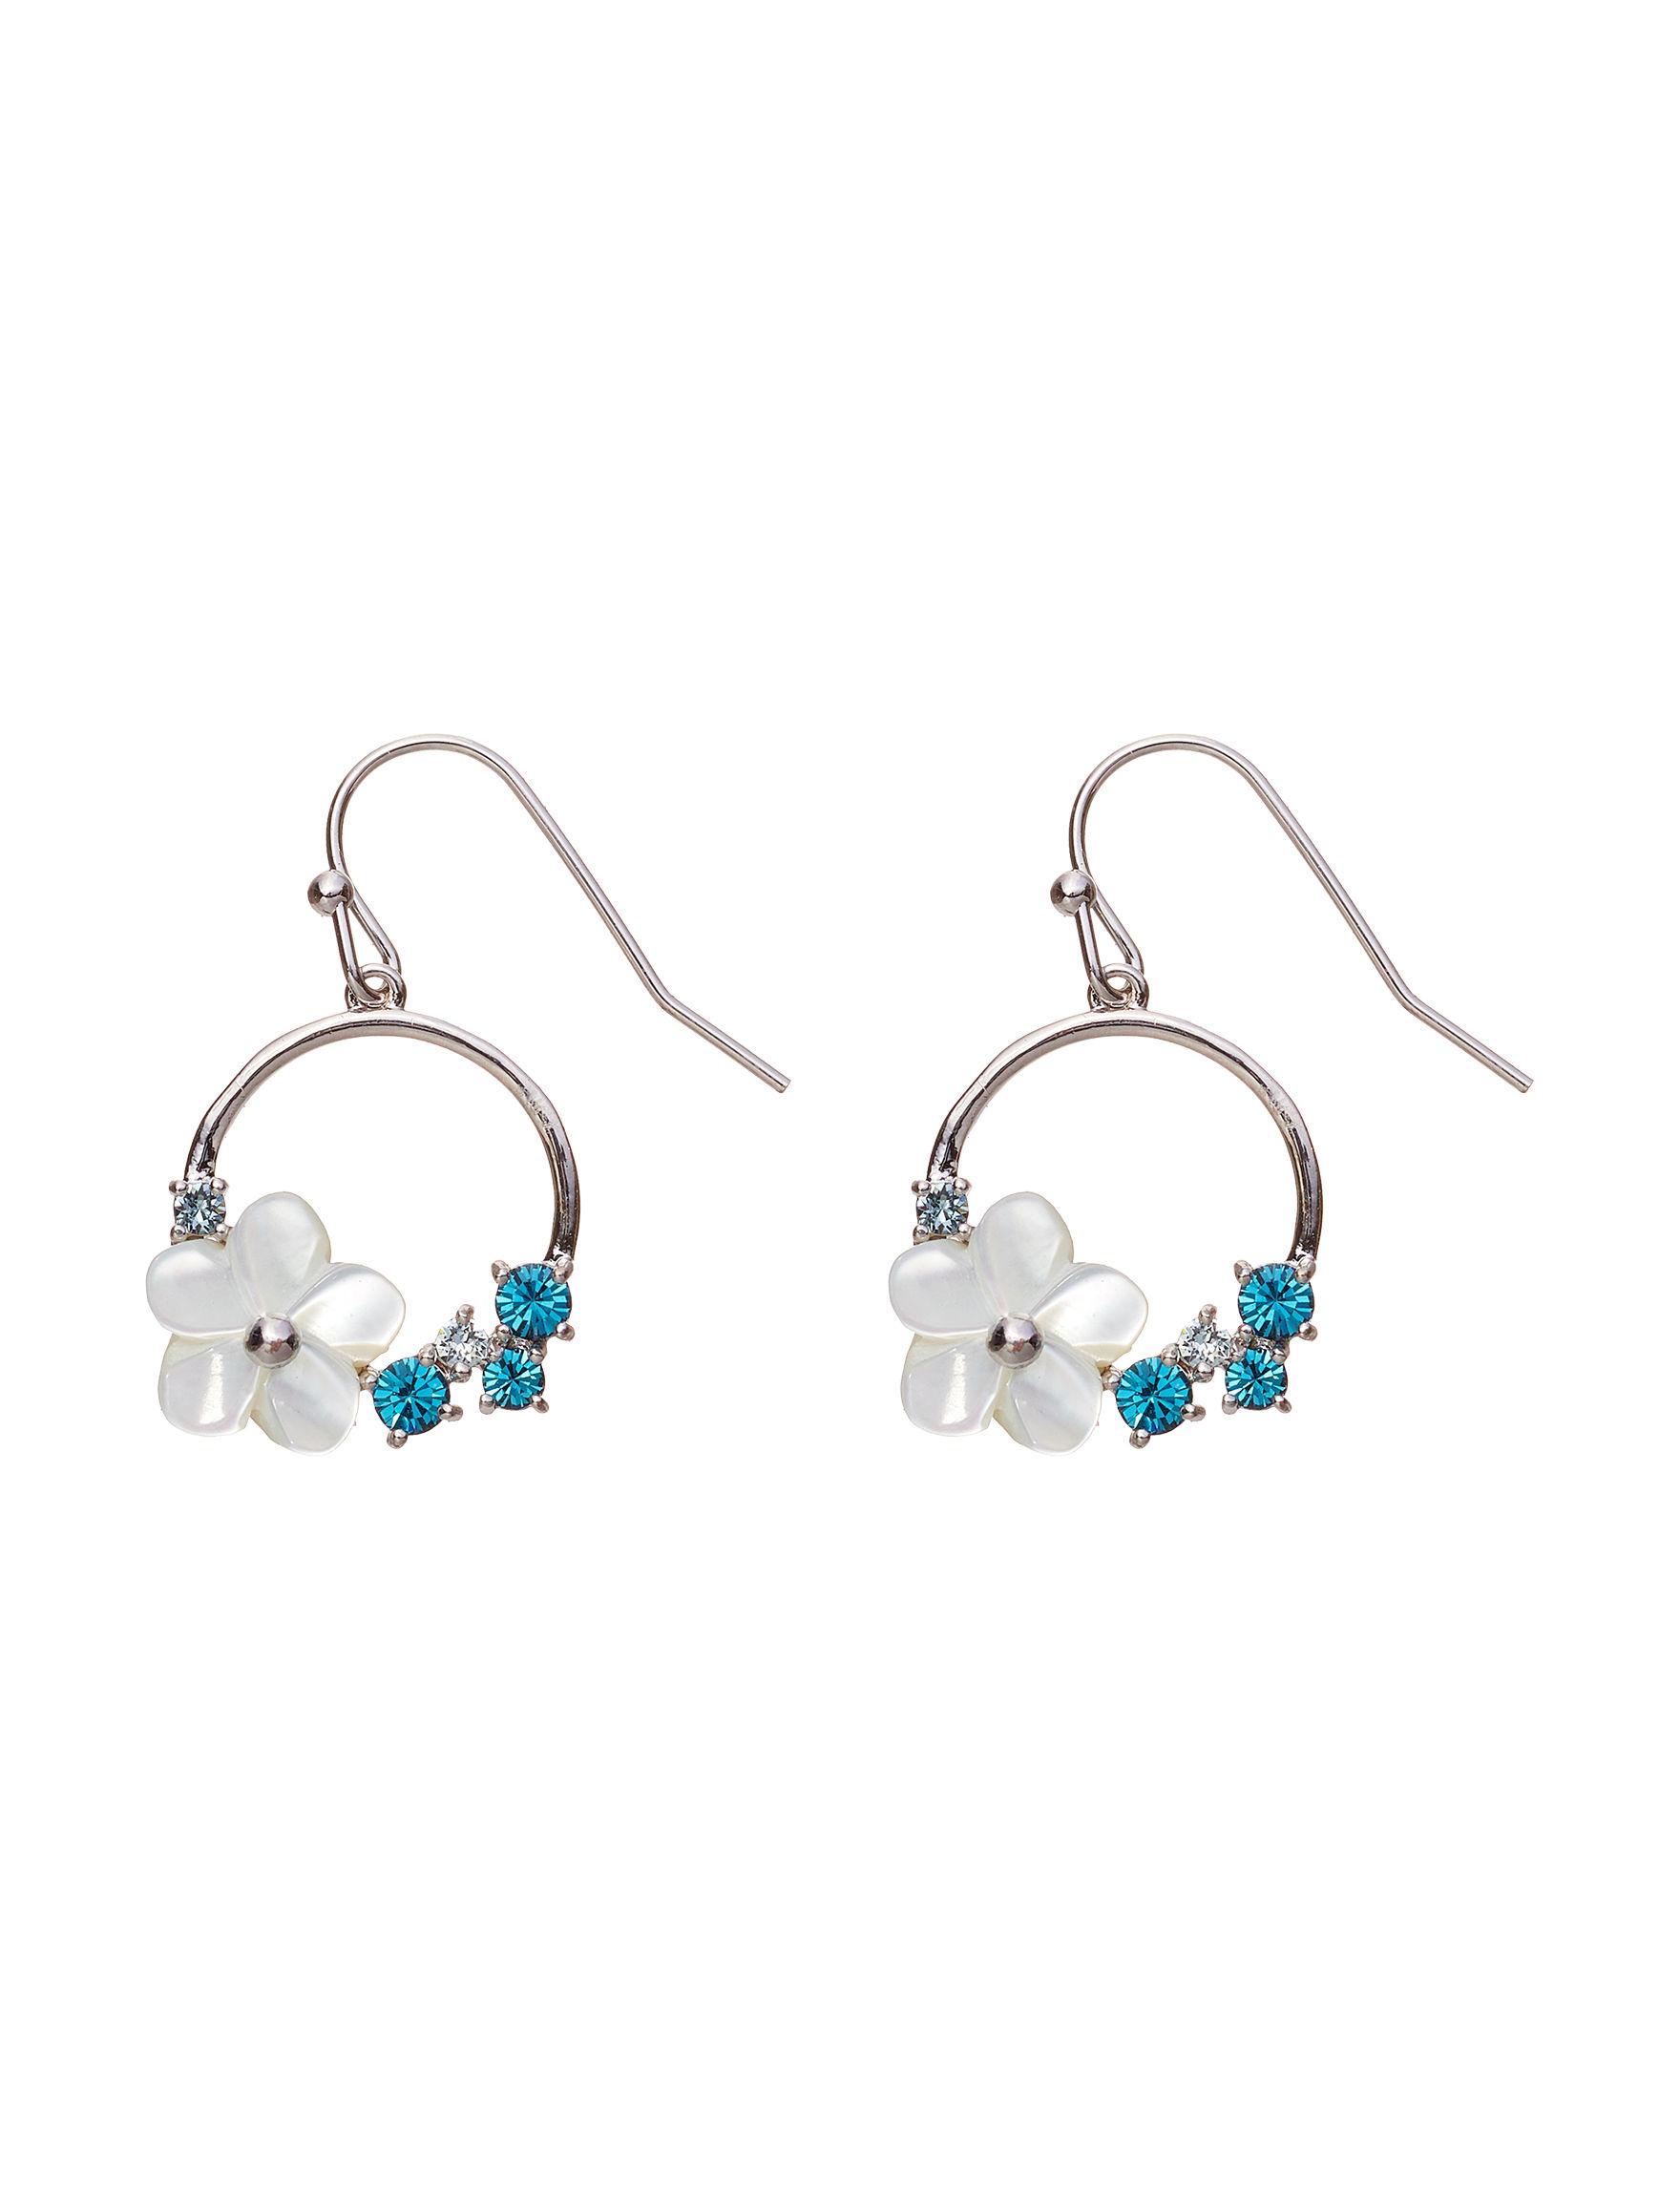 Sunstone Silver / Blue Drops Earrings Fine Jewelry